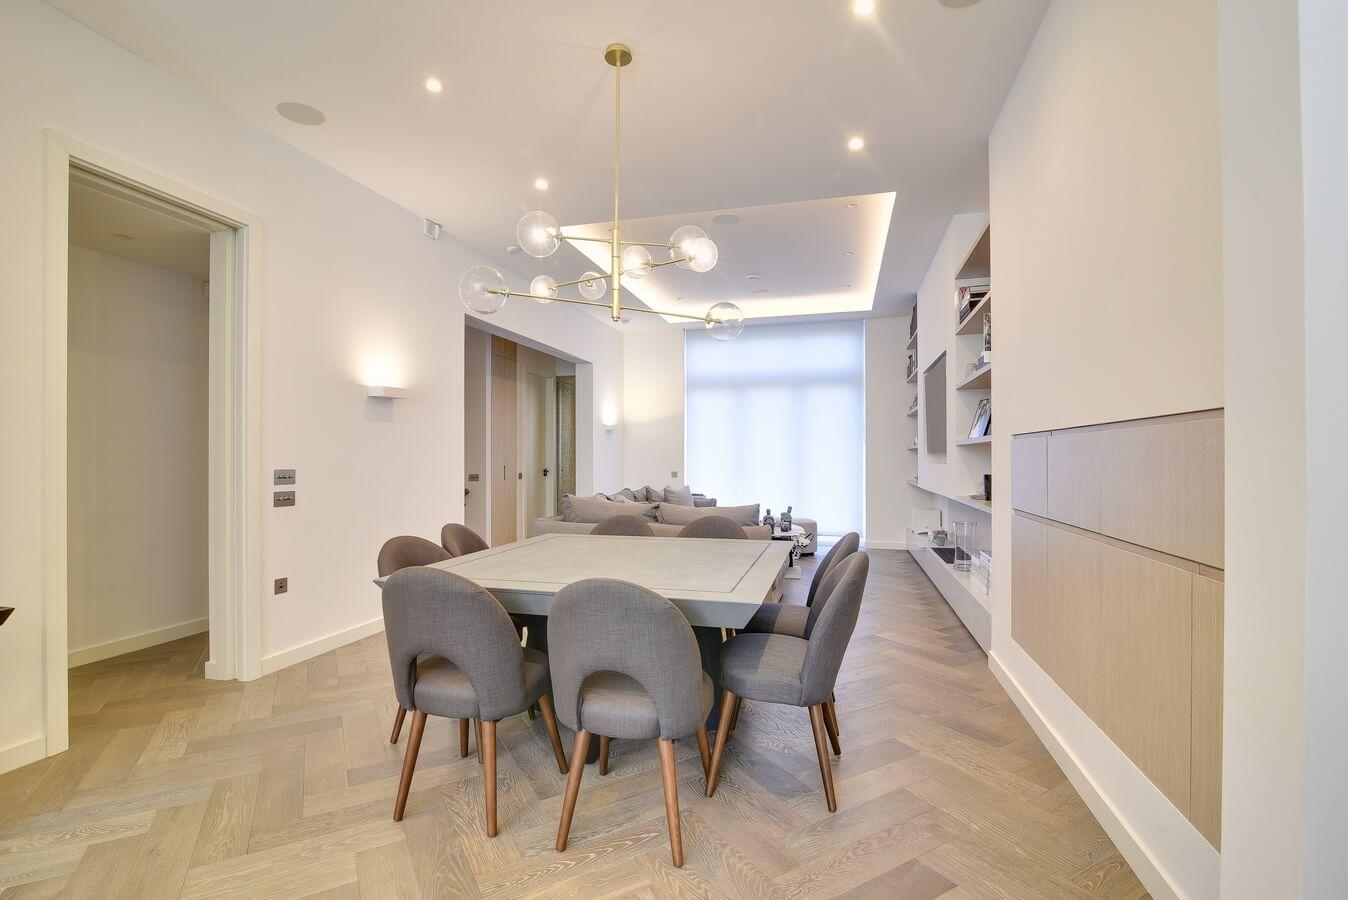 Kitchen-Dining-Area-London.jpg